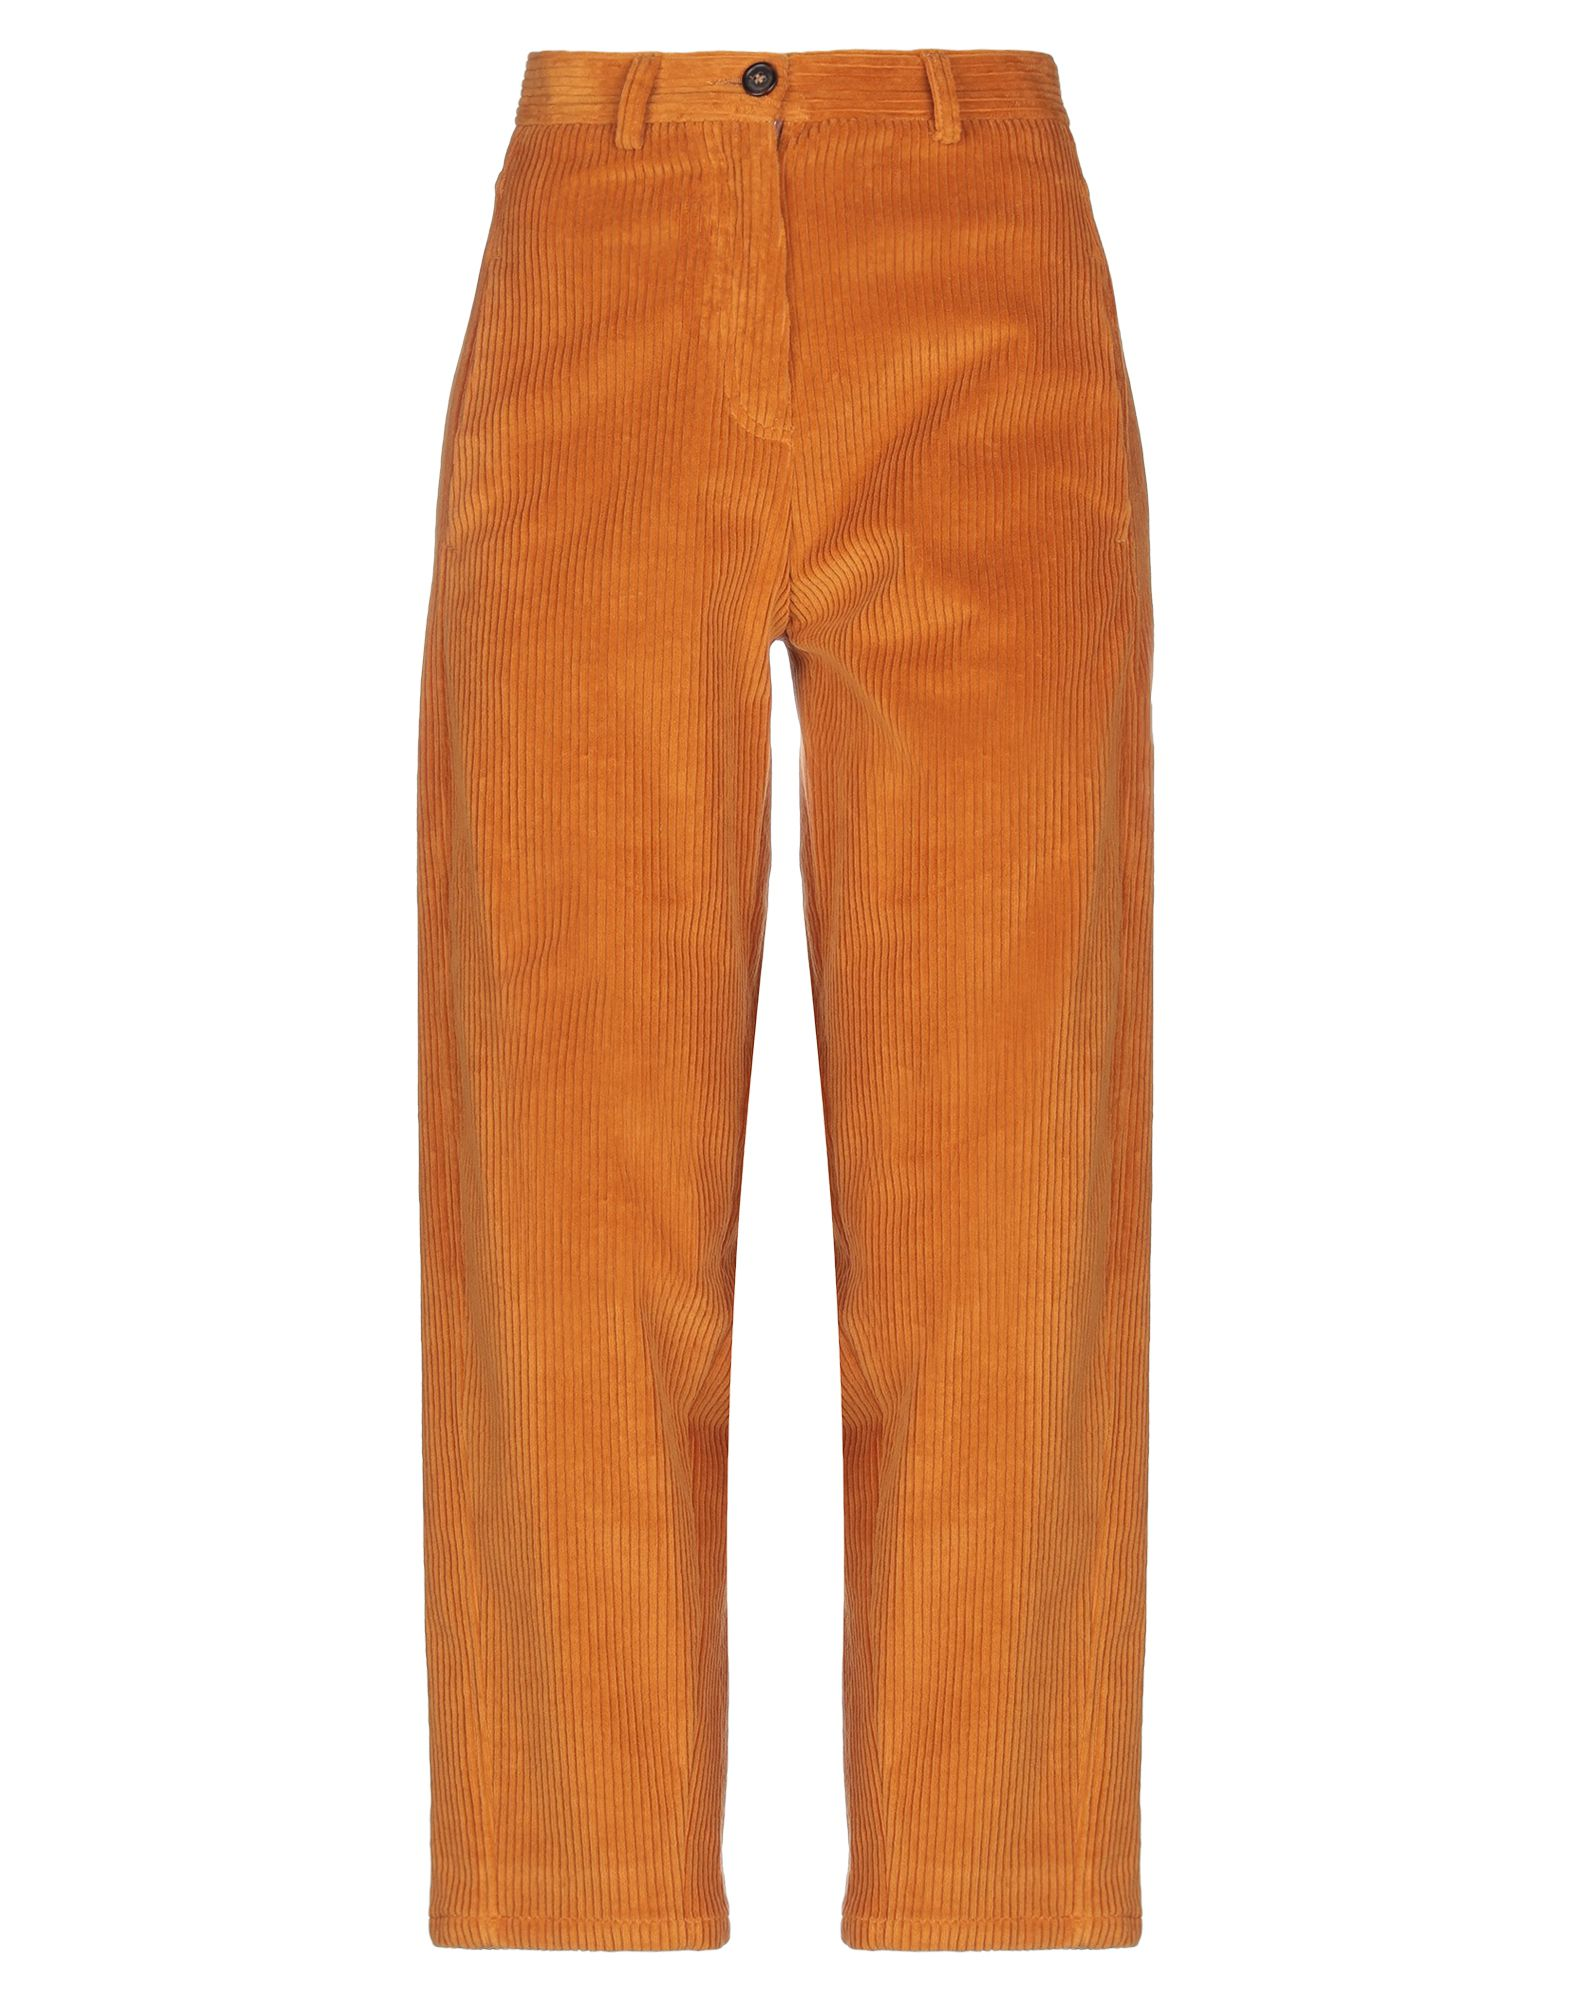 《セール開催中》GOLD CASE レディース パンツ オレンジ 38 コットン 96% / ポリウレタン 4%